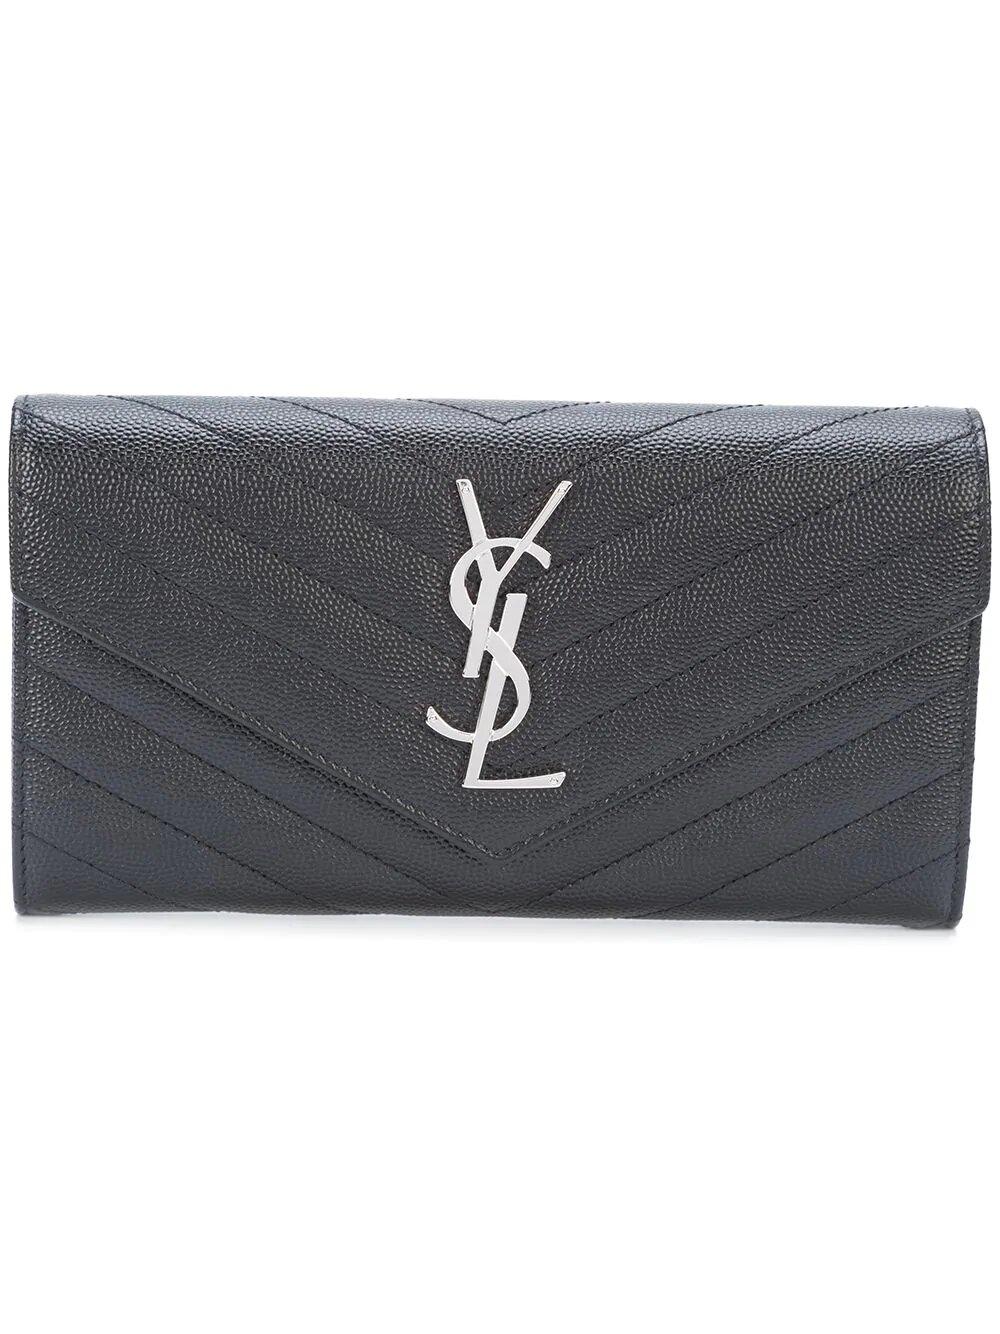 Saint Laurent Large Monogram Flap Wallet 1283лв